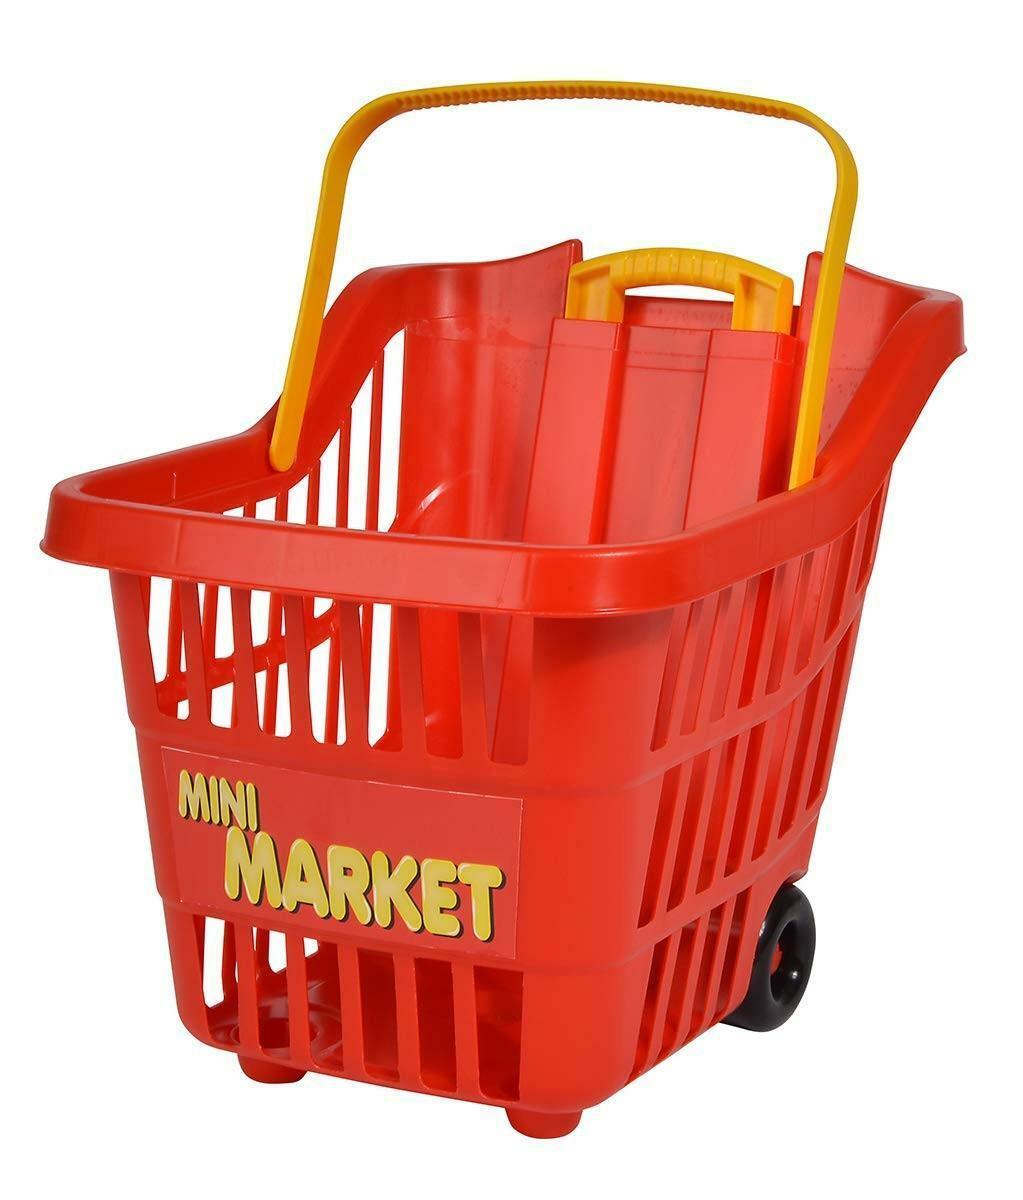 imc toys carrello mini market